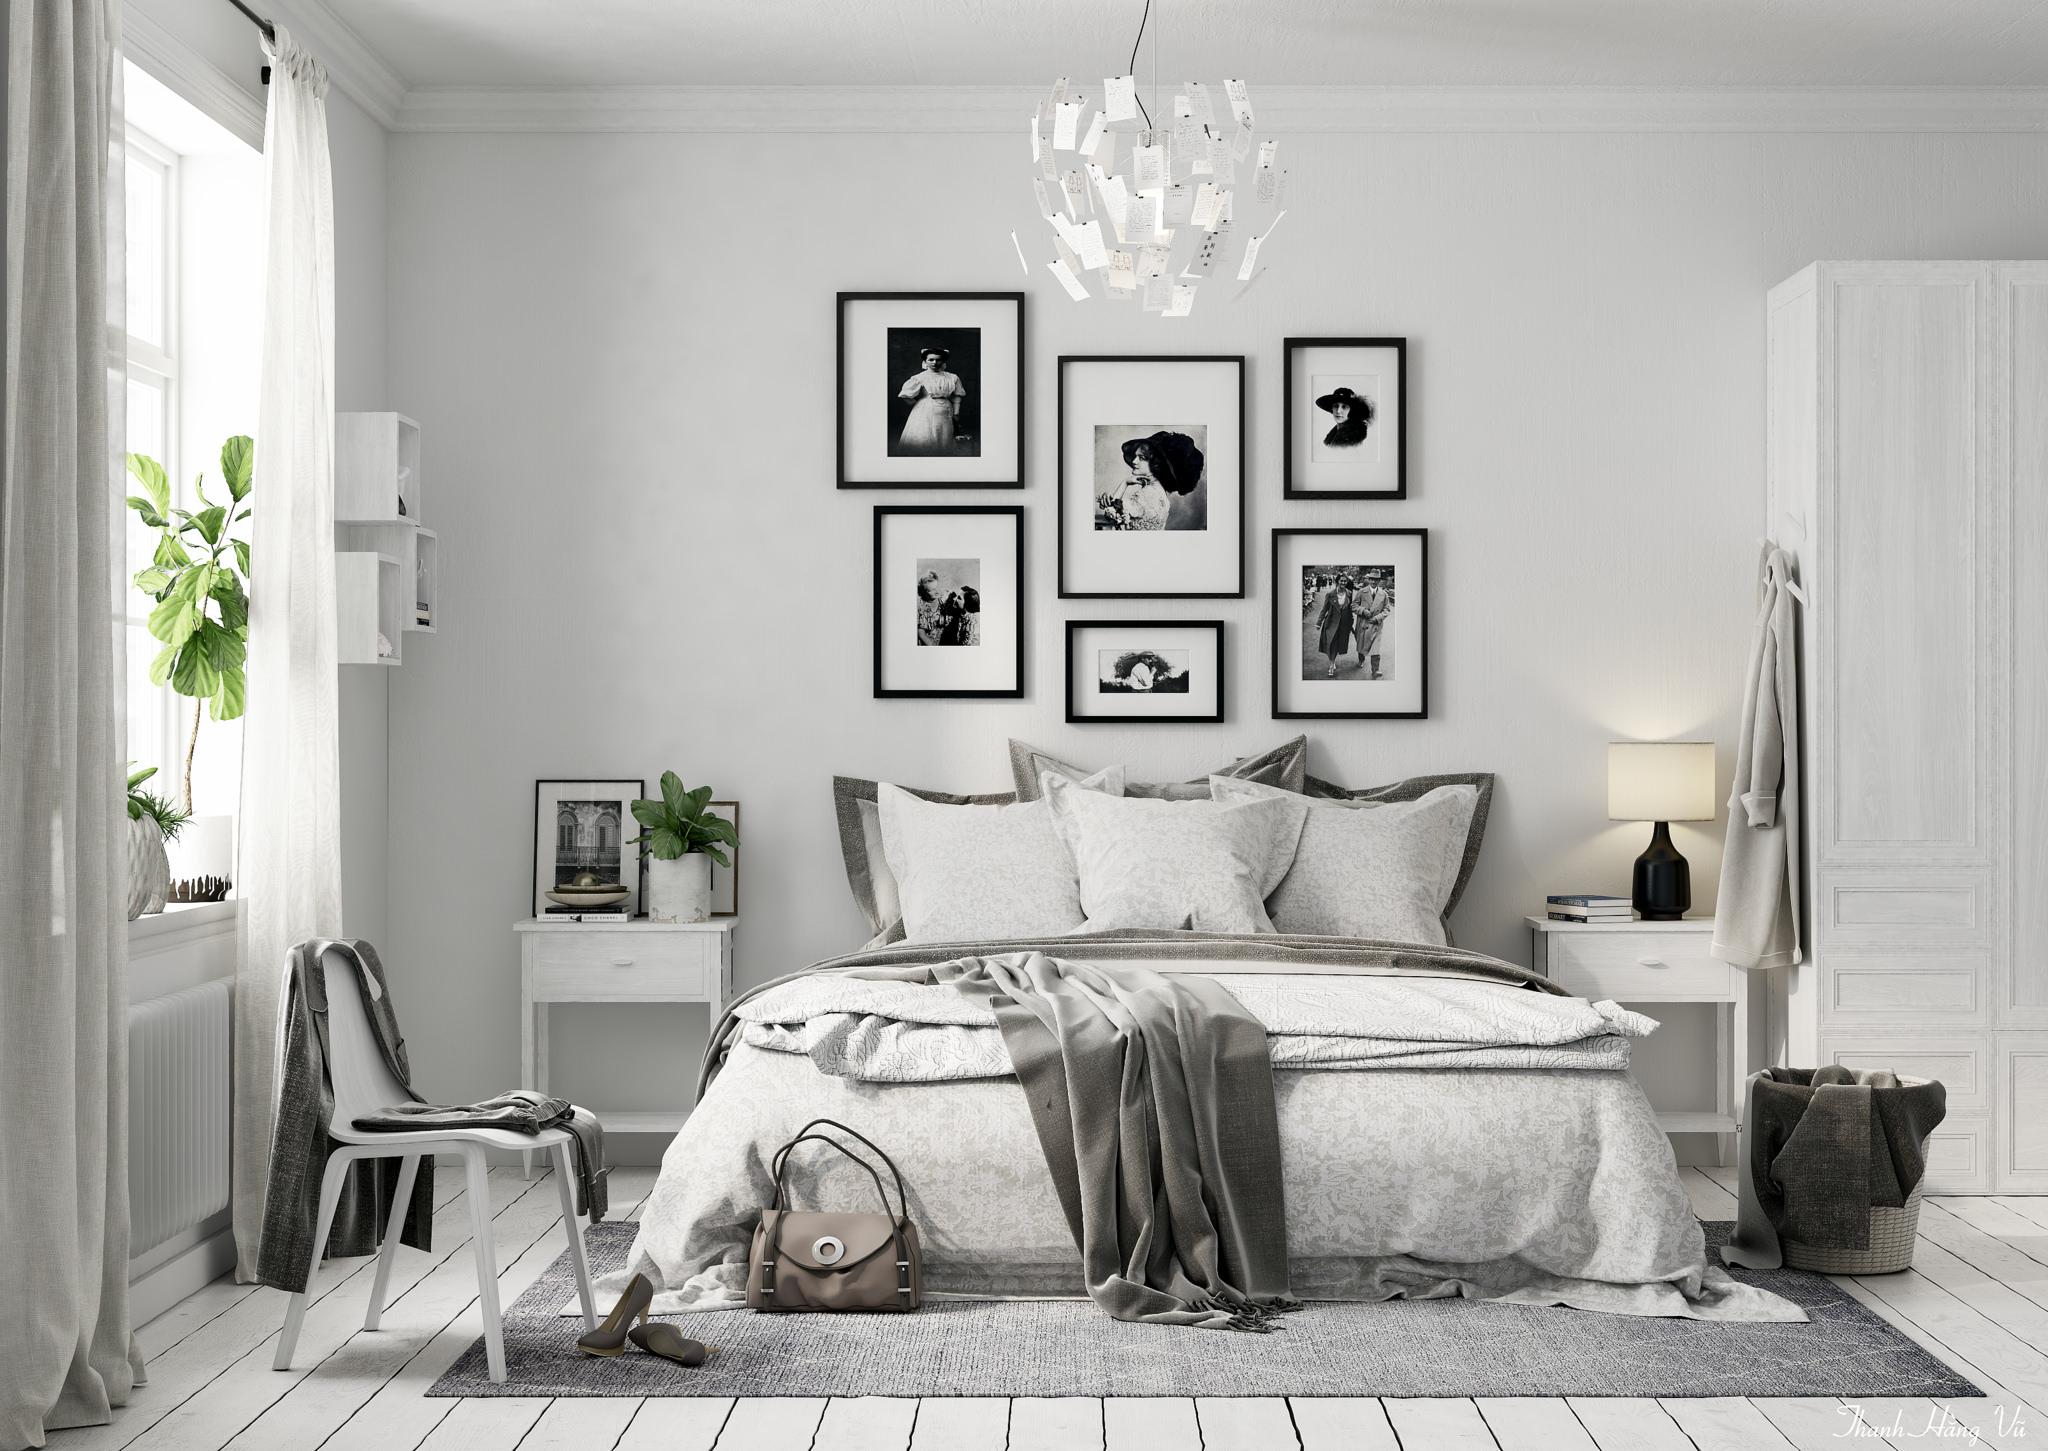 Arredare la tua camera da letto in stile Scandinavo |